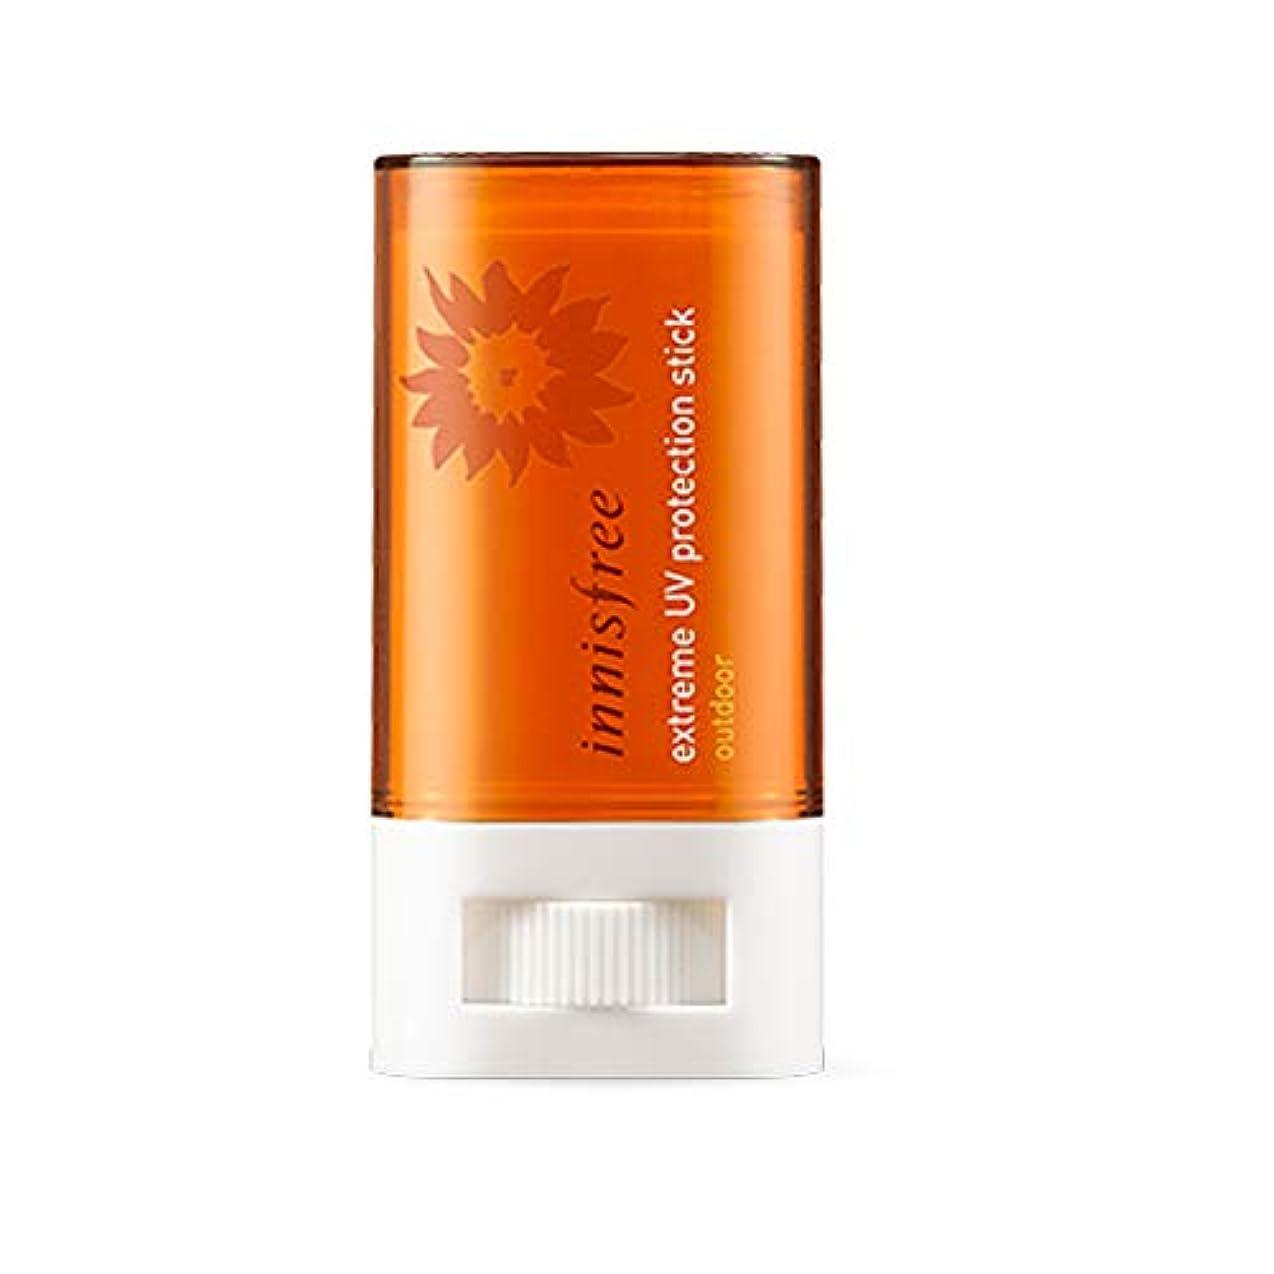 応用午後怠イニスフリーエクストリームUVプロテクションスティックアウトドアSPF50 + PA ++++ 19g Innisfree Extreme UV Protection Stick Outdoor SPF50 + PA +...